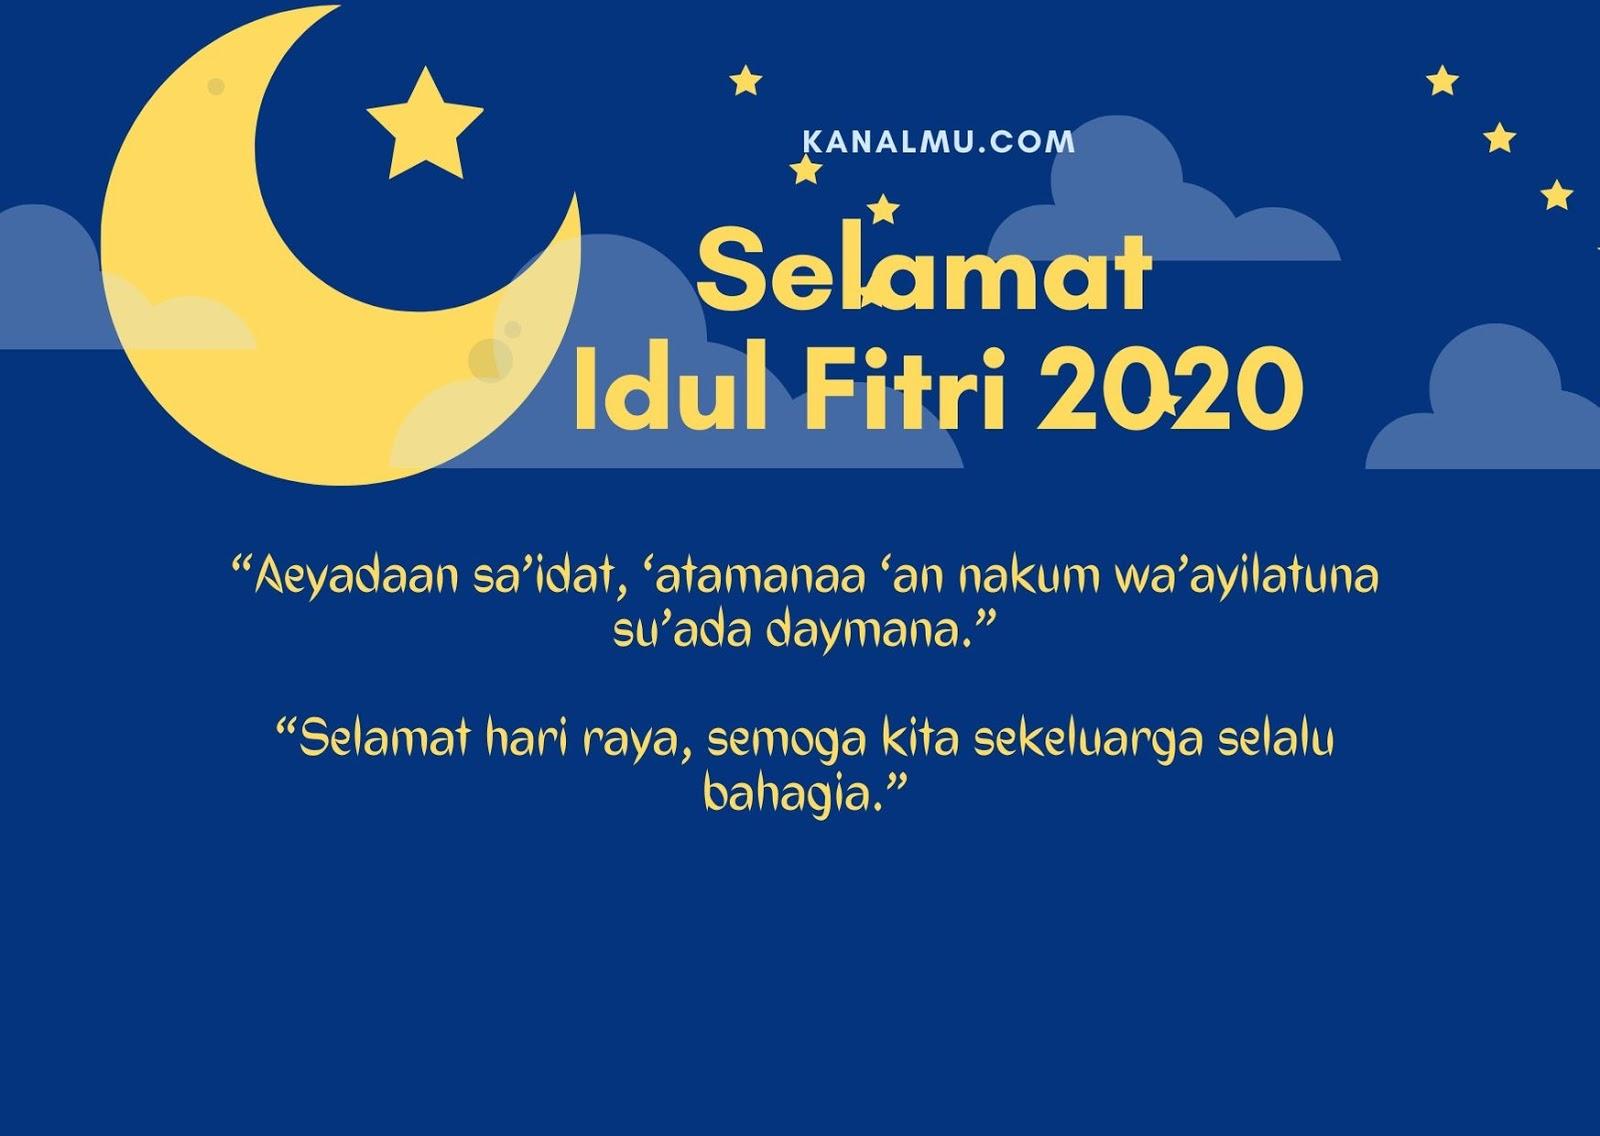 Gambar Kartu Ucapan Kata Kata Idul Fitri 2020 Tahun 1442 H